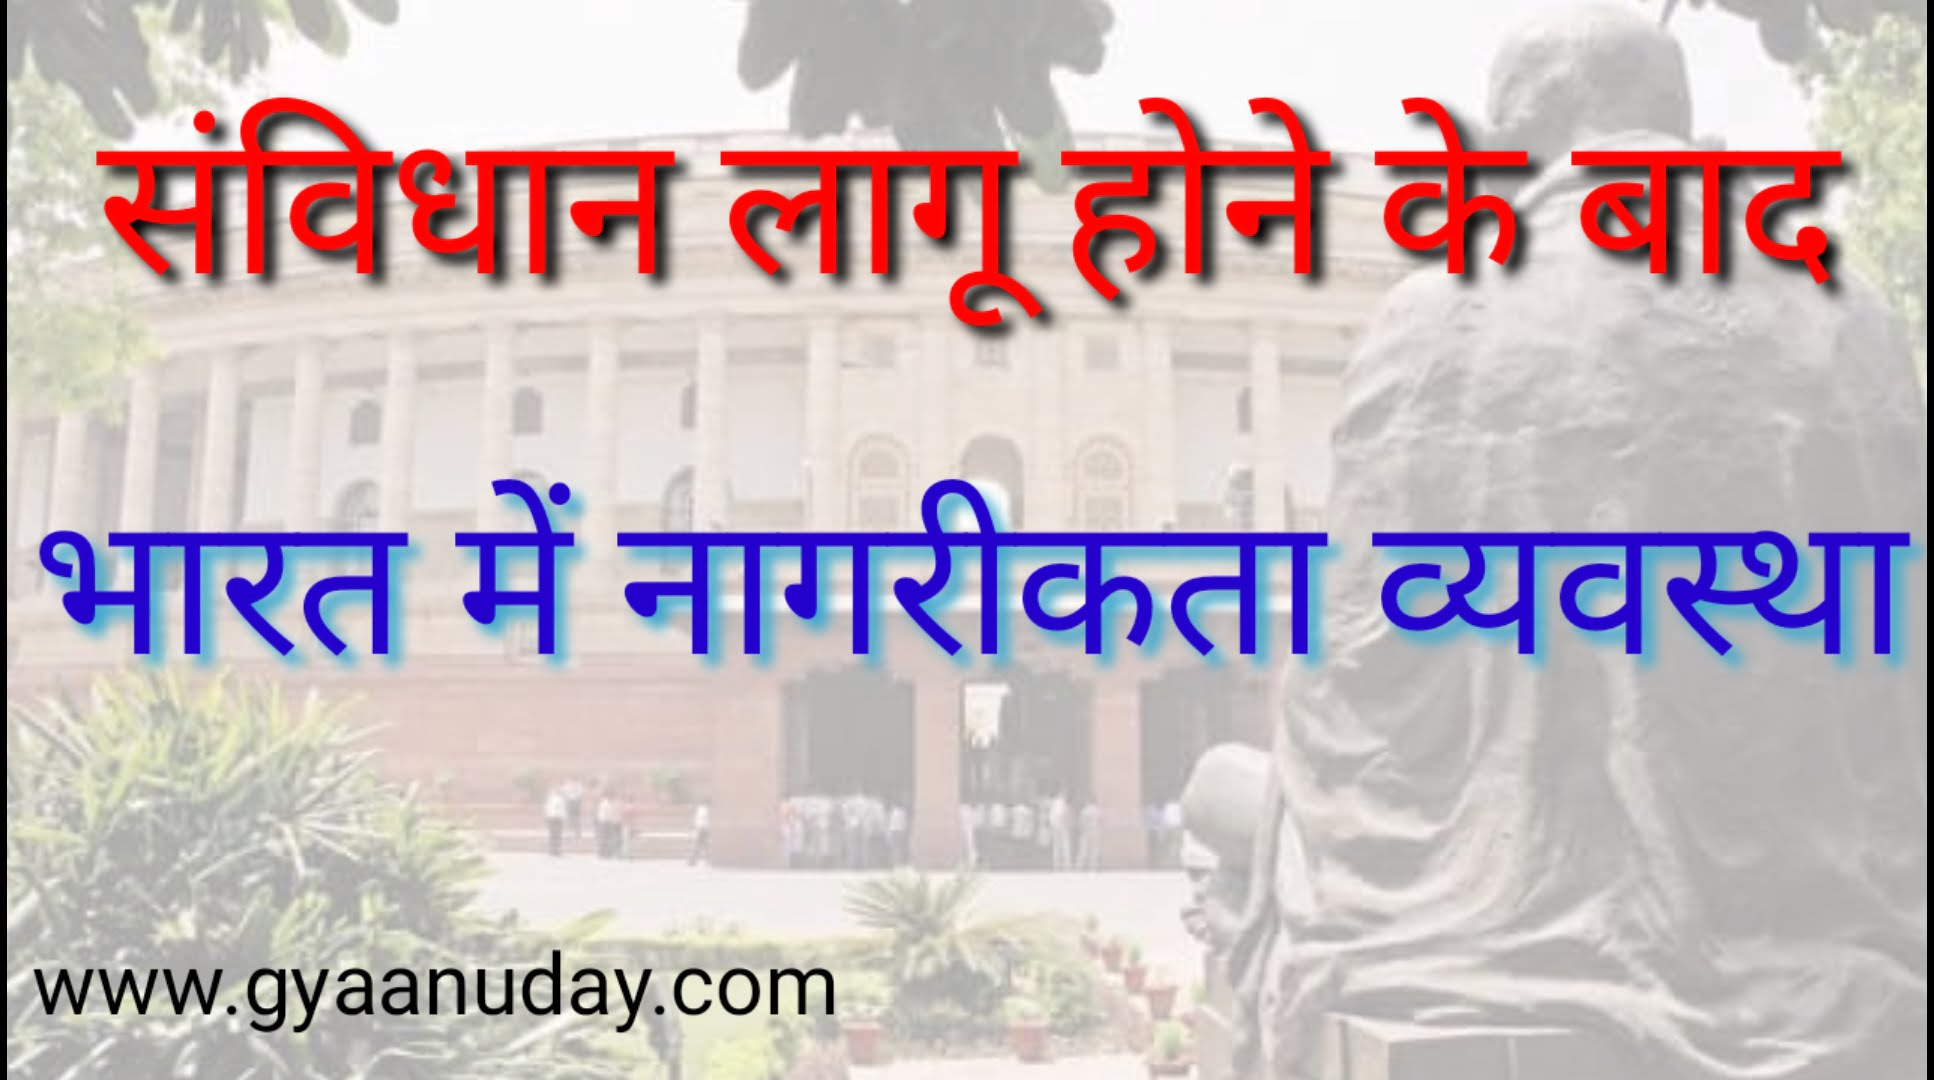 संविधान लागू होने के बाद भारत में नागरिकता की व्यवस्था